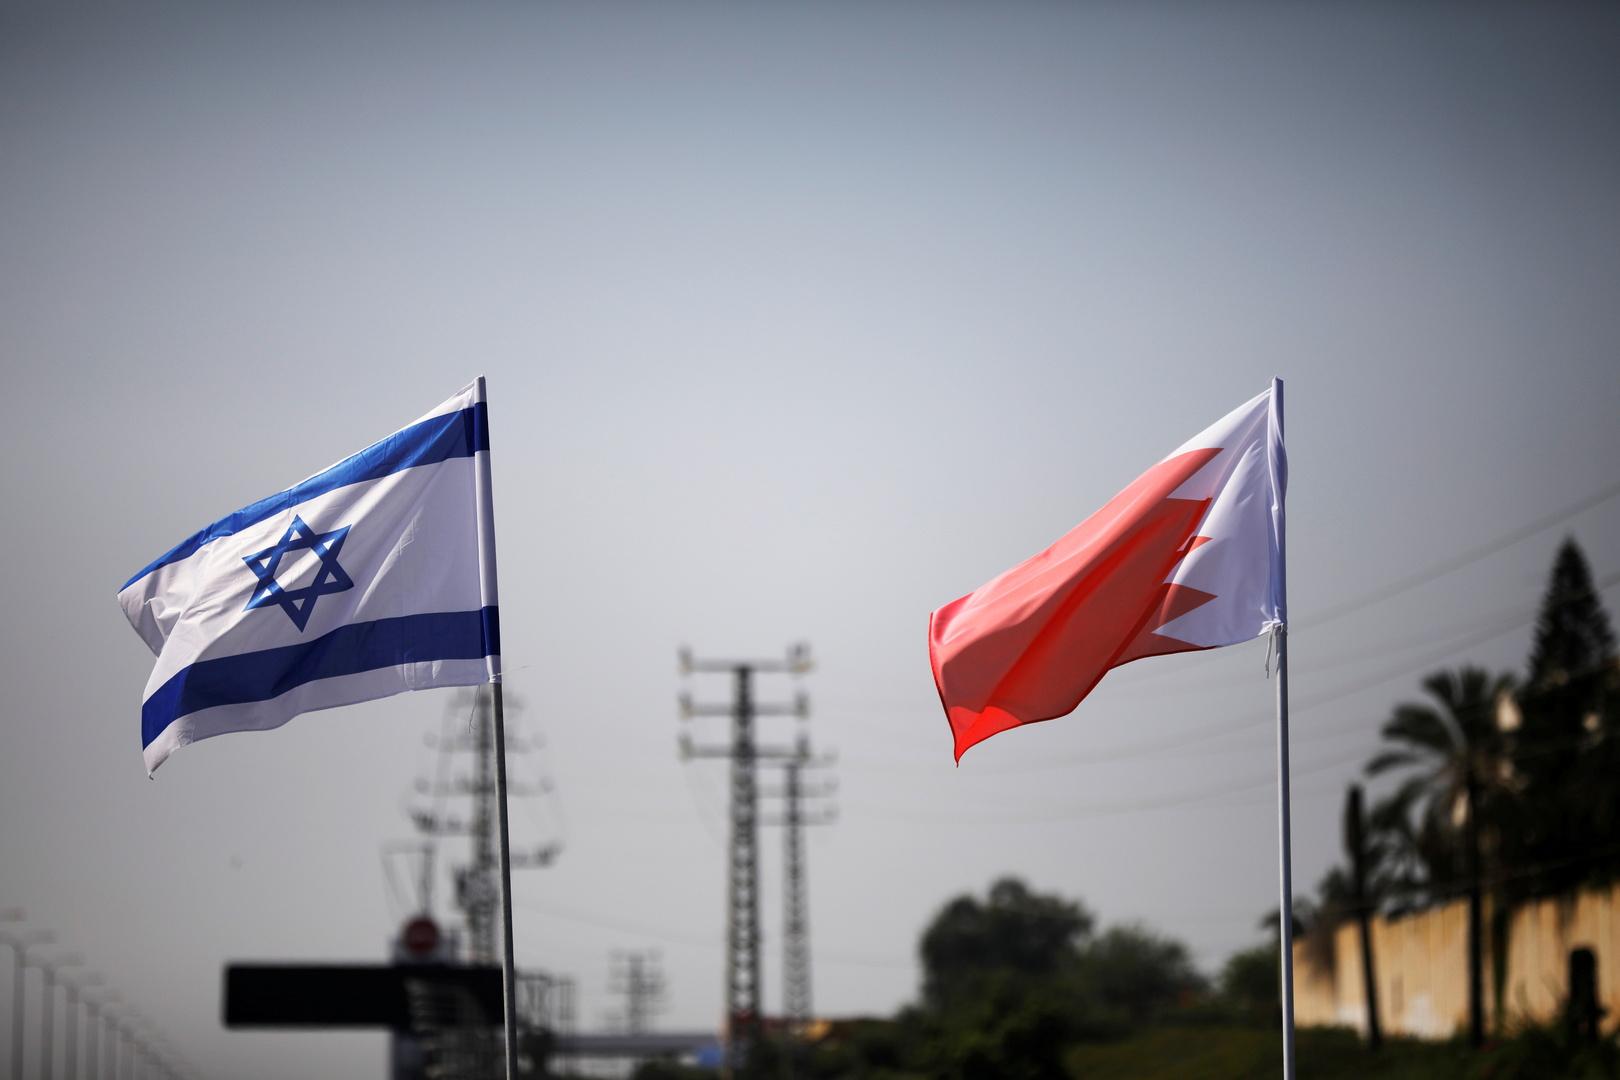 إعلام إسرائيلي: وزير خارجية البحرين بعث رسالة لنظيره الإسرائيلي ينعى فيها ضحايا الهولوكوست